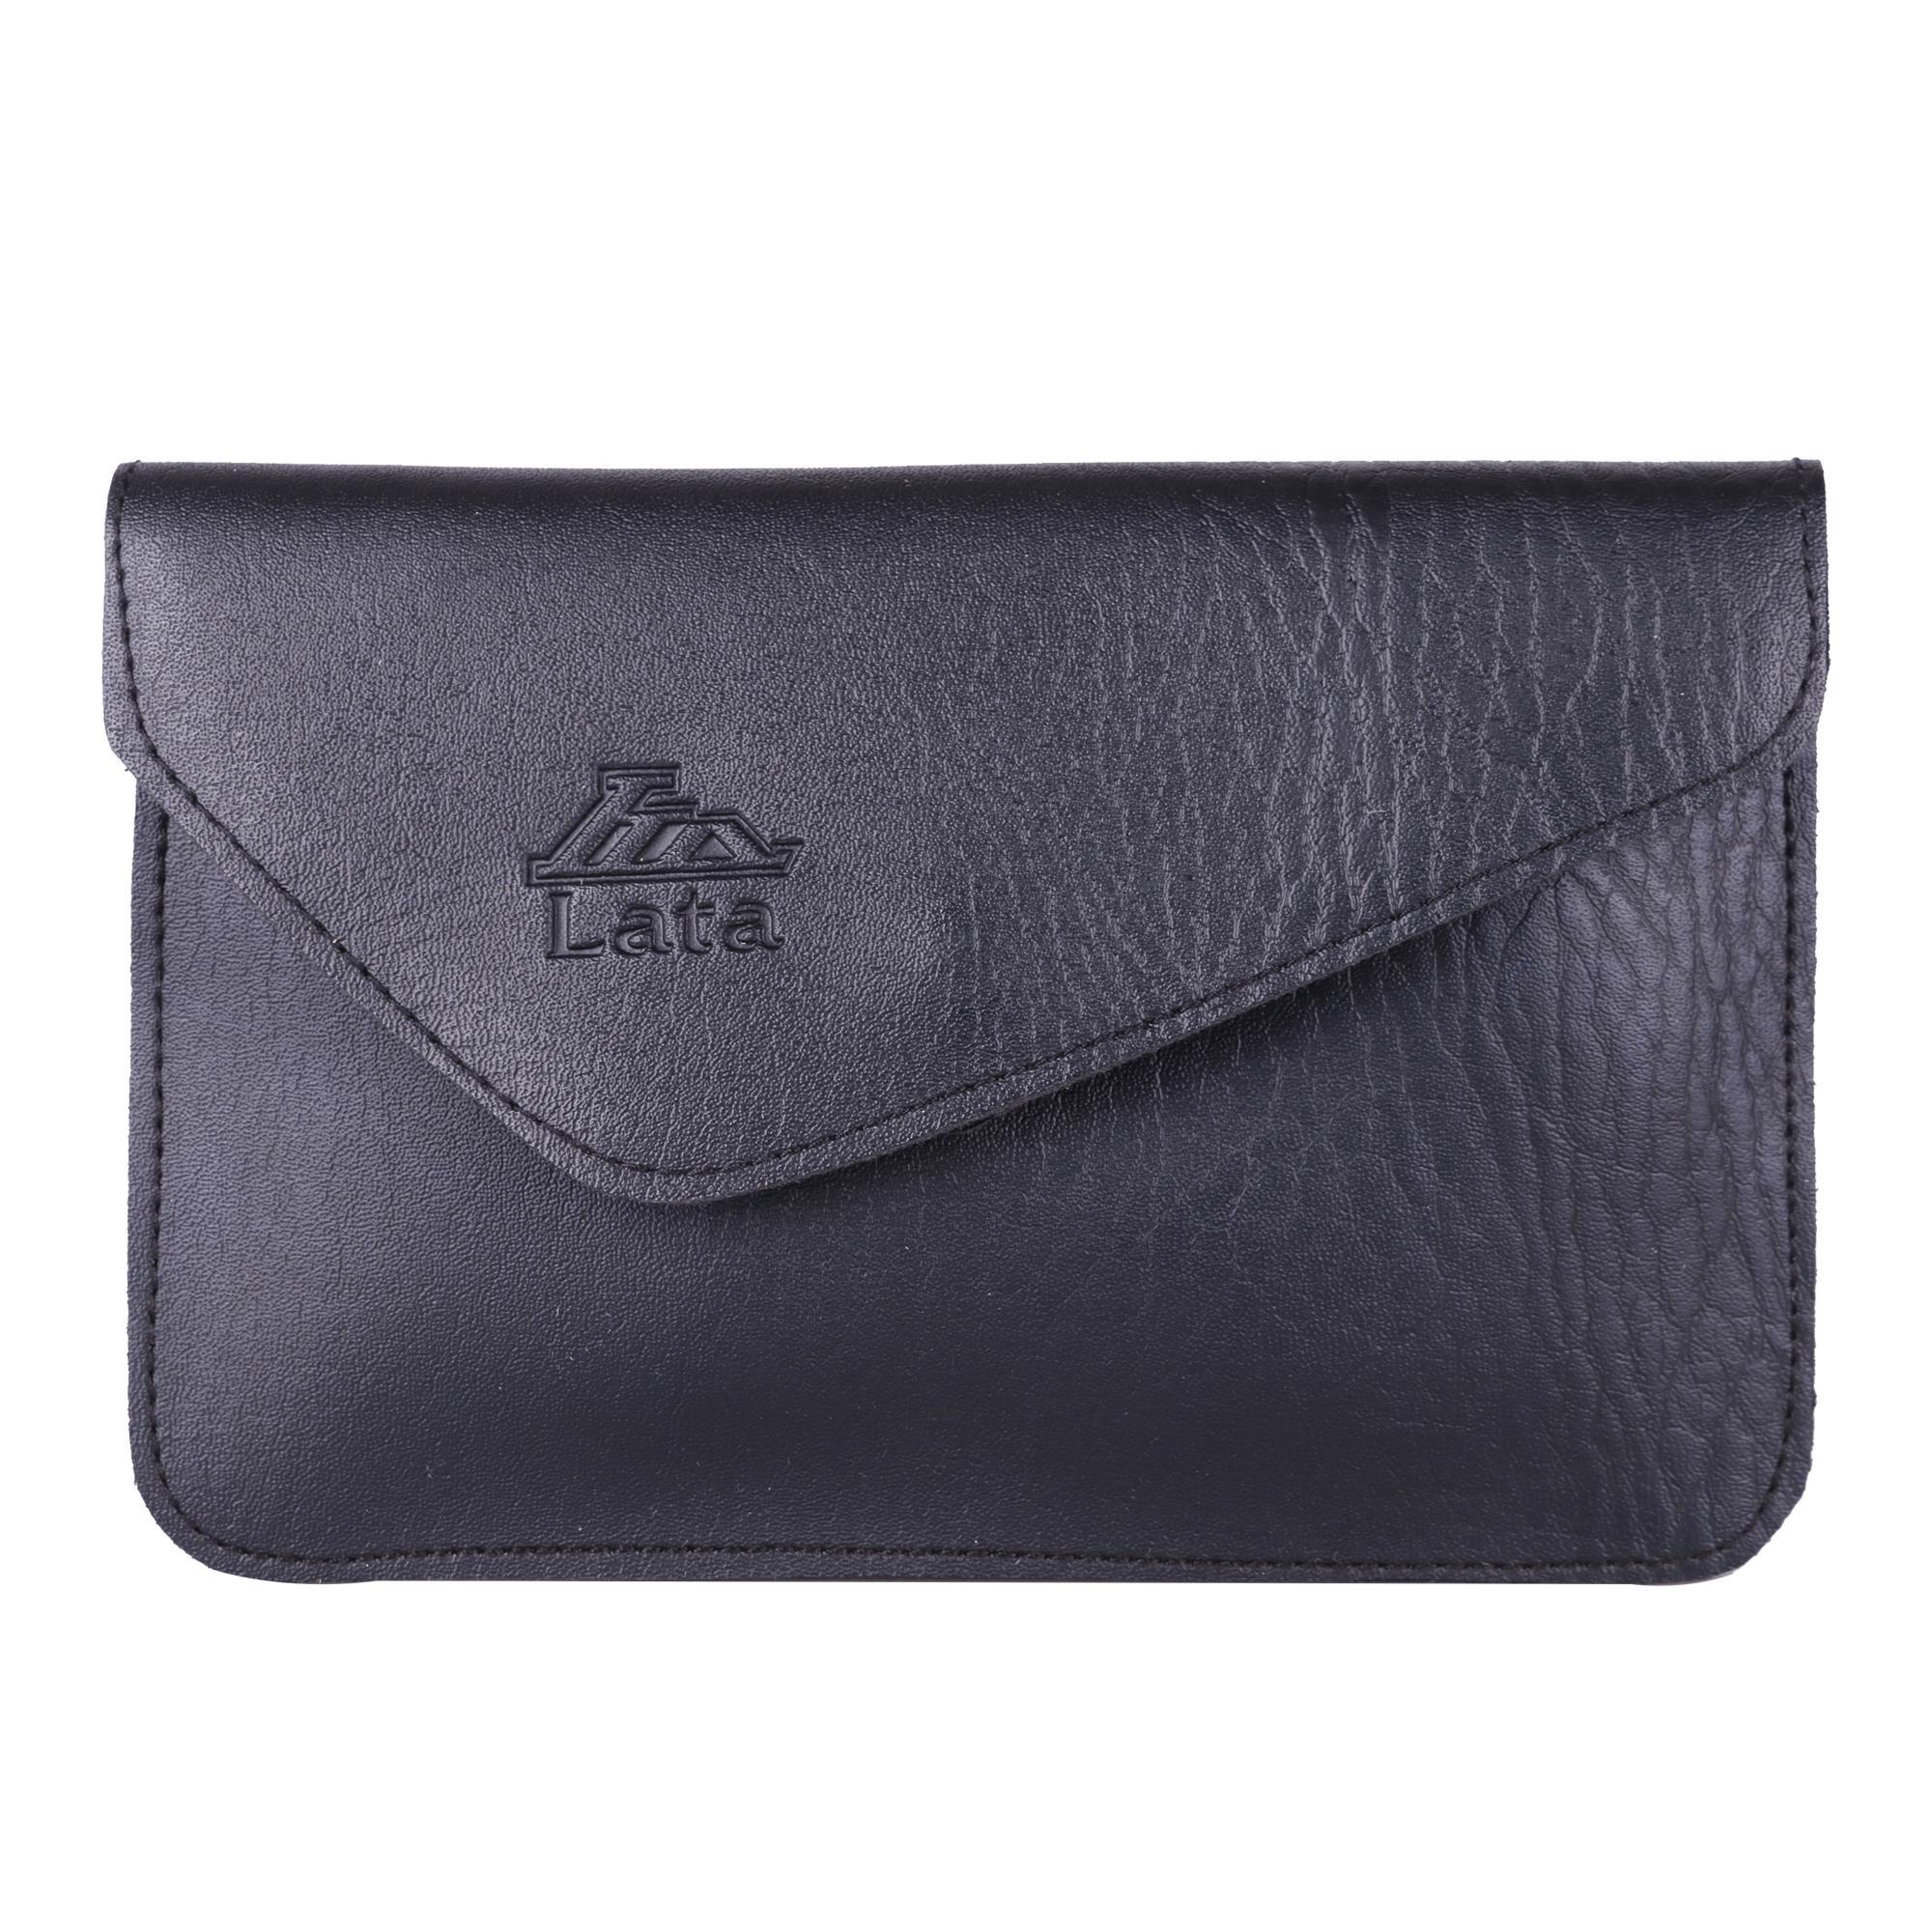 Túi đựng điện thoại LATA